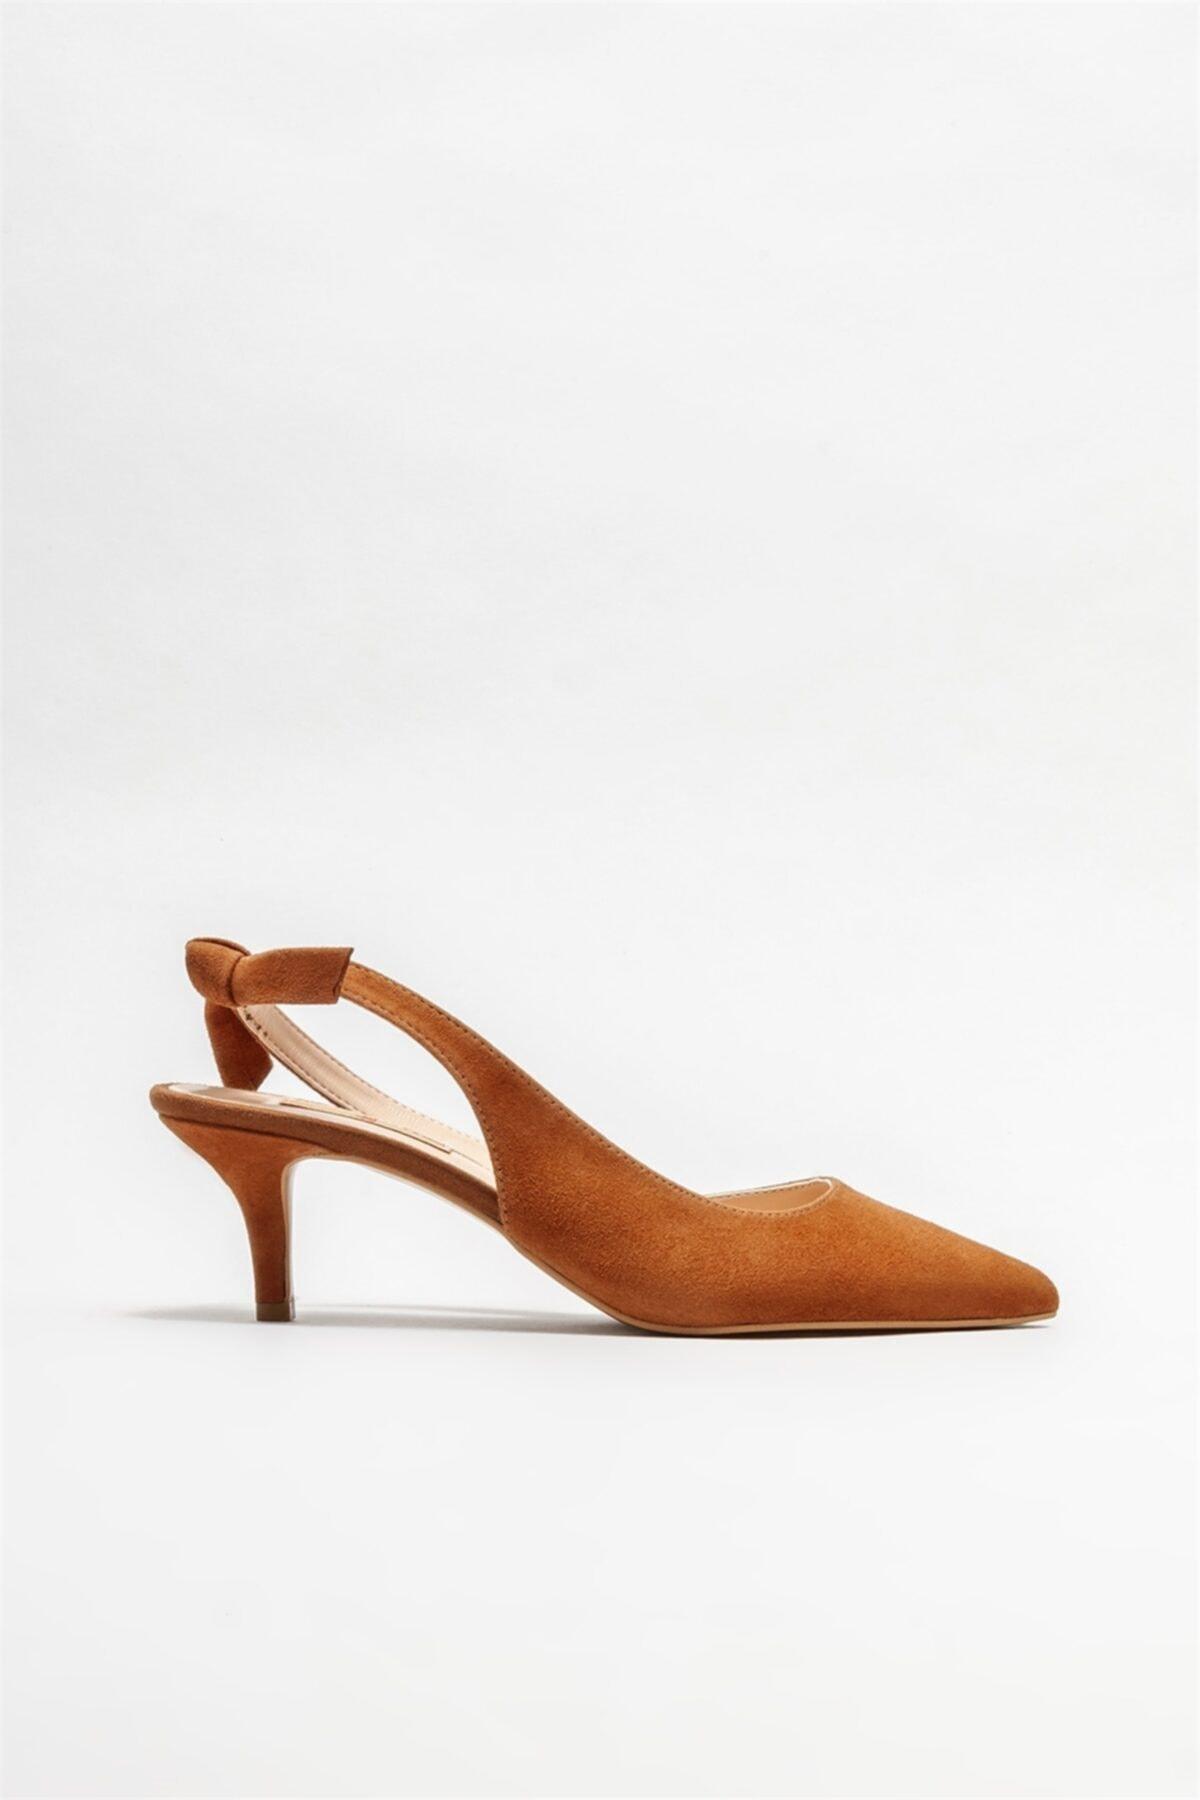 Naturel Deri Kadın Topuklu Ayakkabı